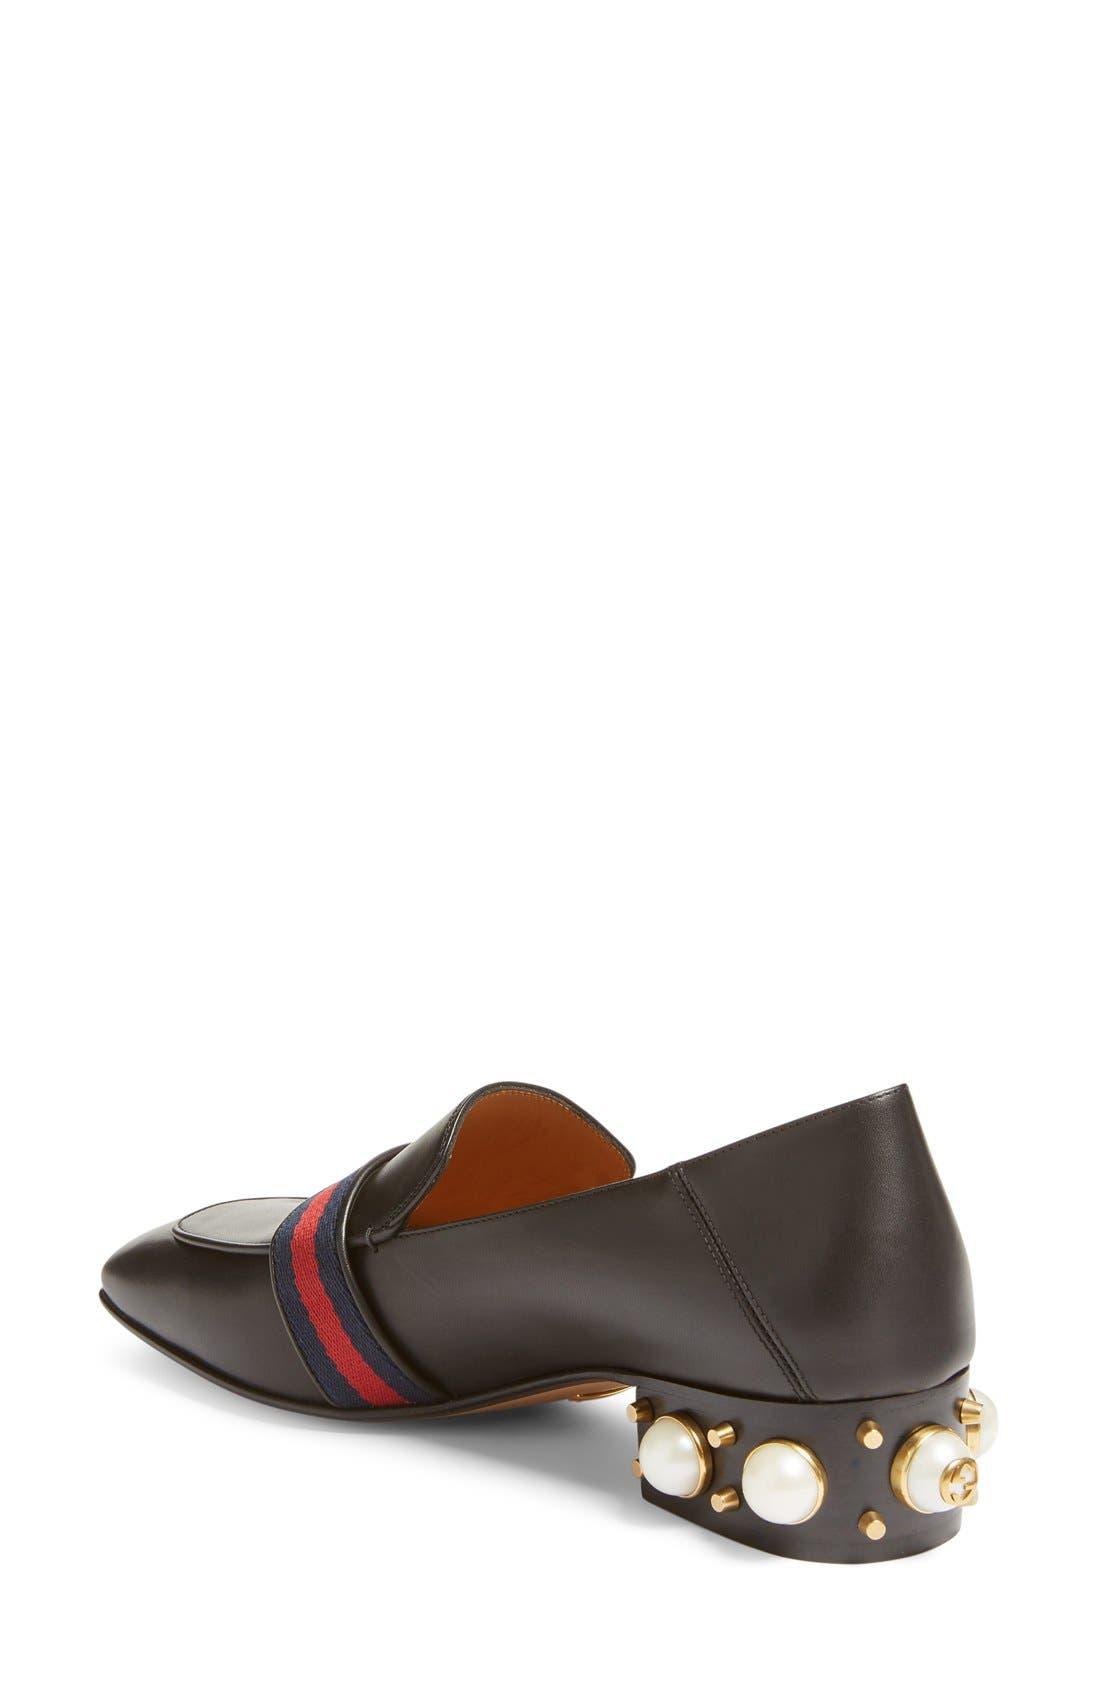 Peyton Embellished Heel Loafer,                             Alternate thumbnail 2, color,                             Black Leather